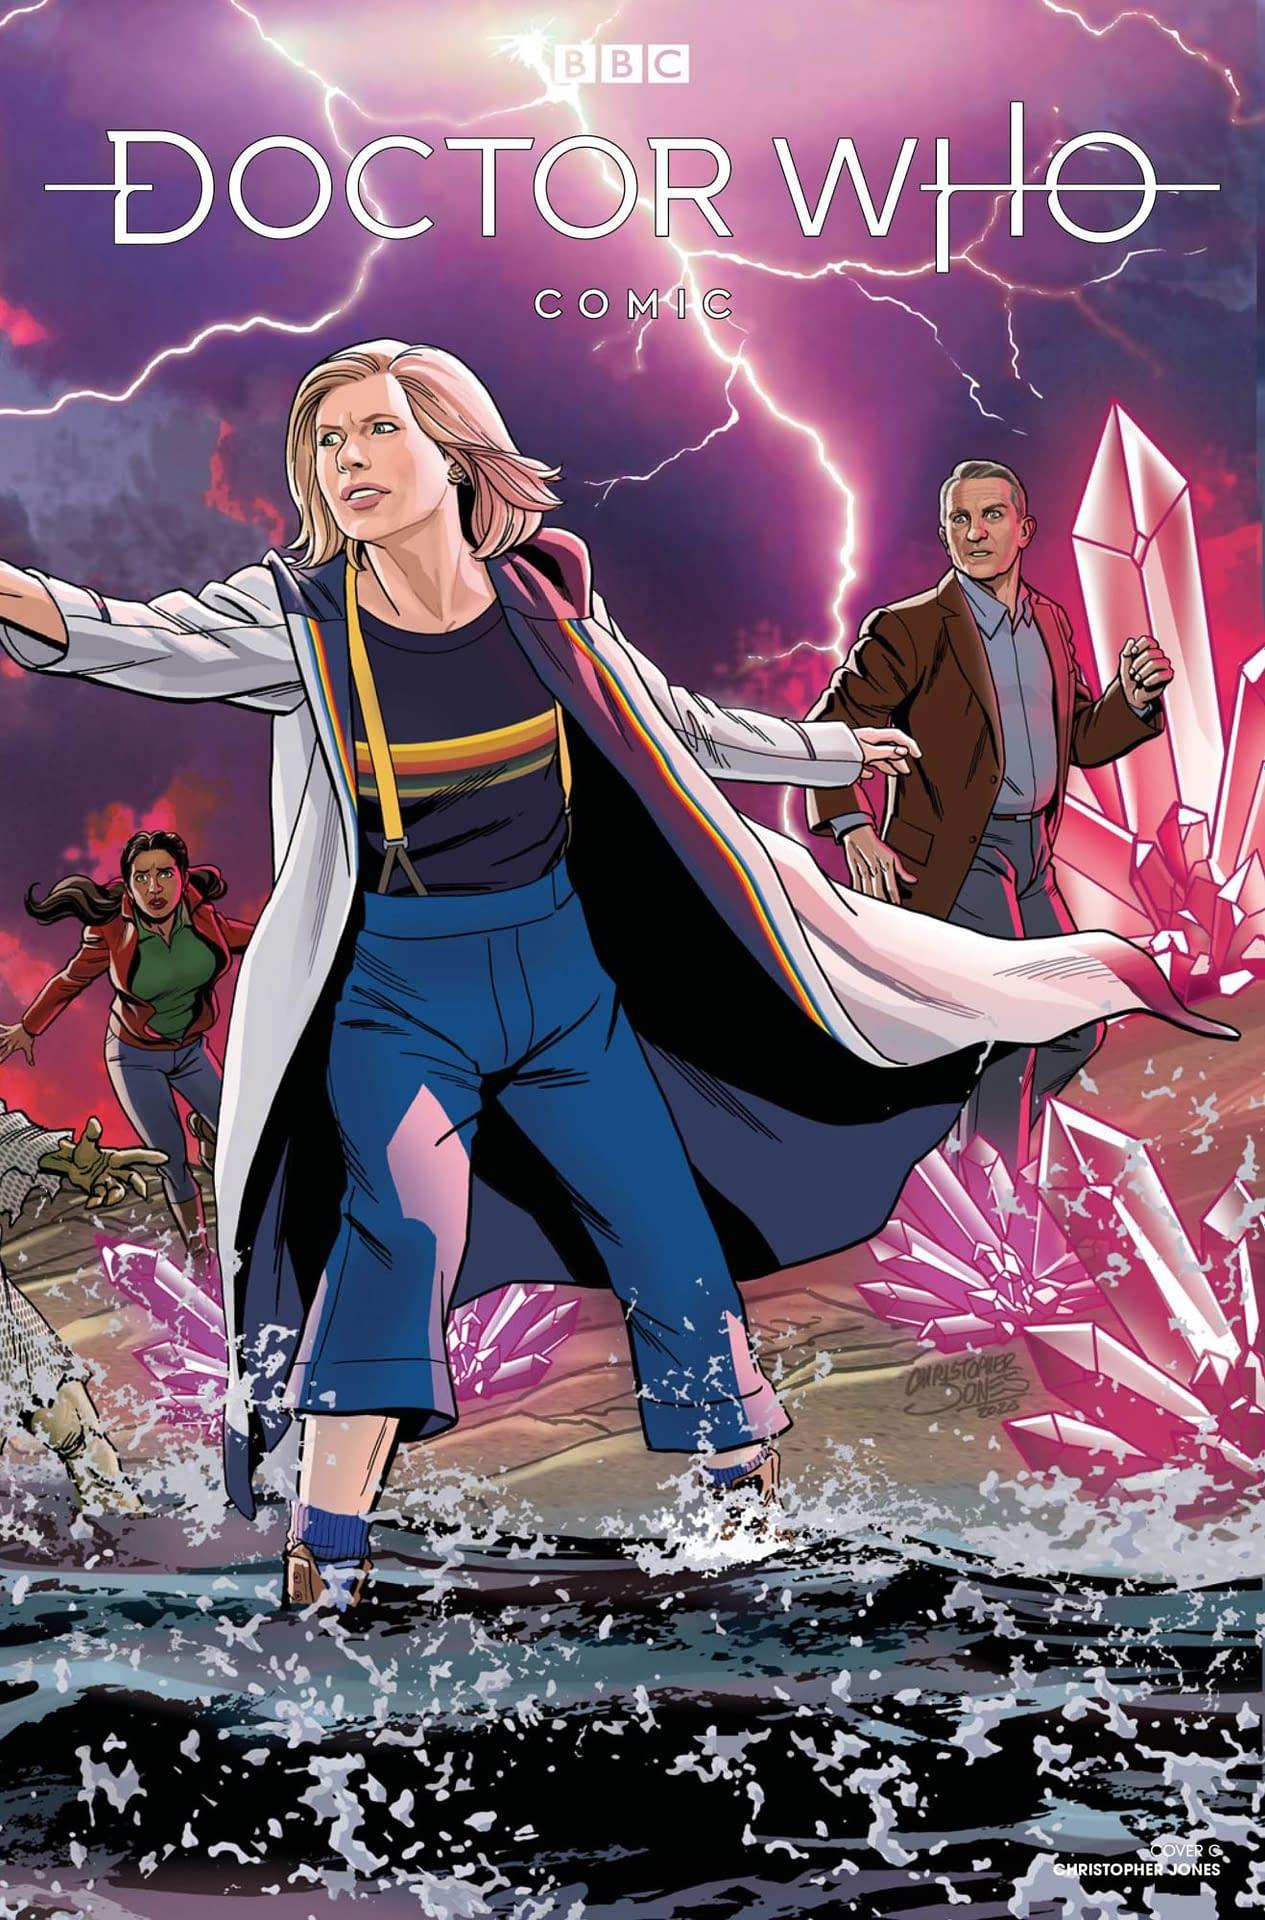 DOCTOR WHO COMICS #4 CVR C JONES